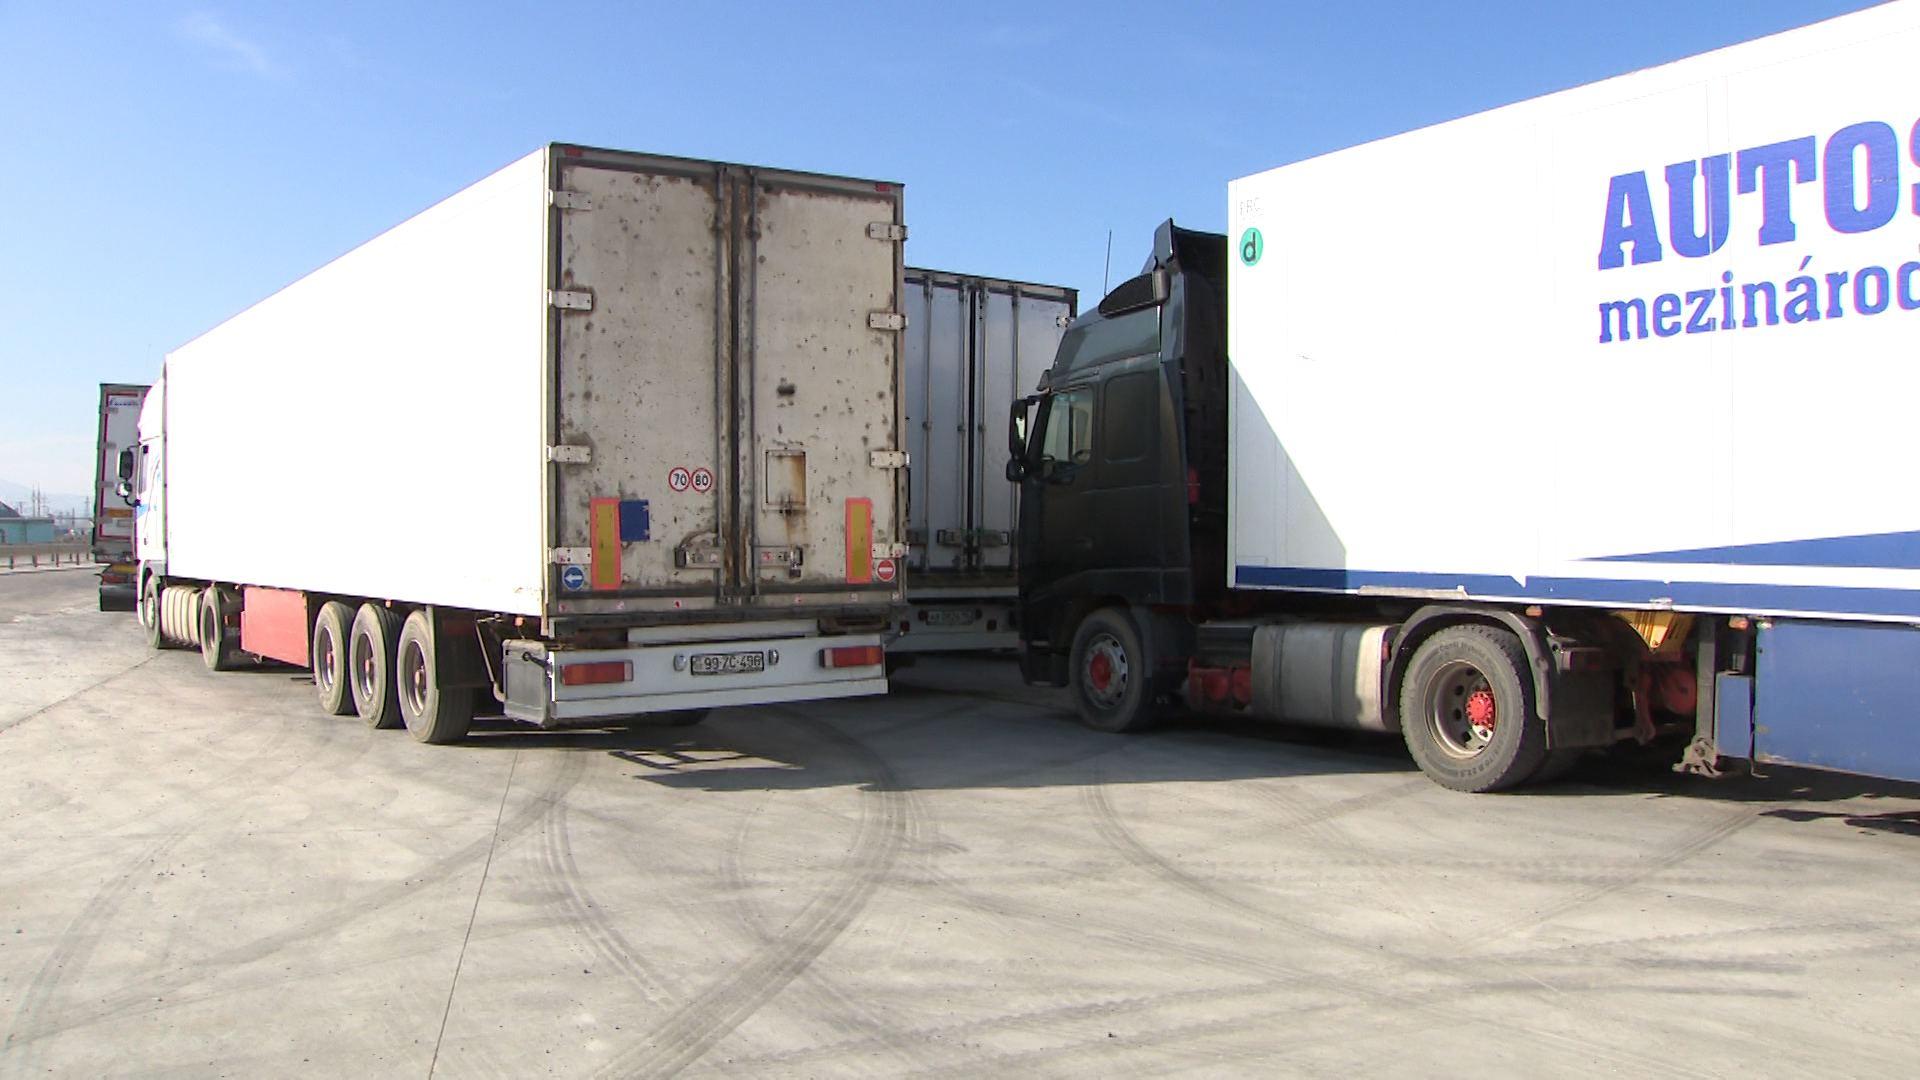 Обнародованы объёмы грузоперевозок из Турции в Ирак в январе-апреле 2020 года